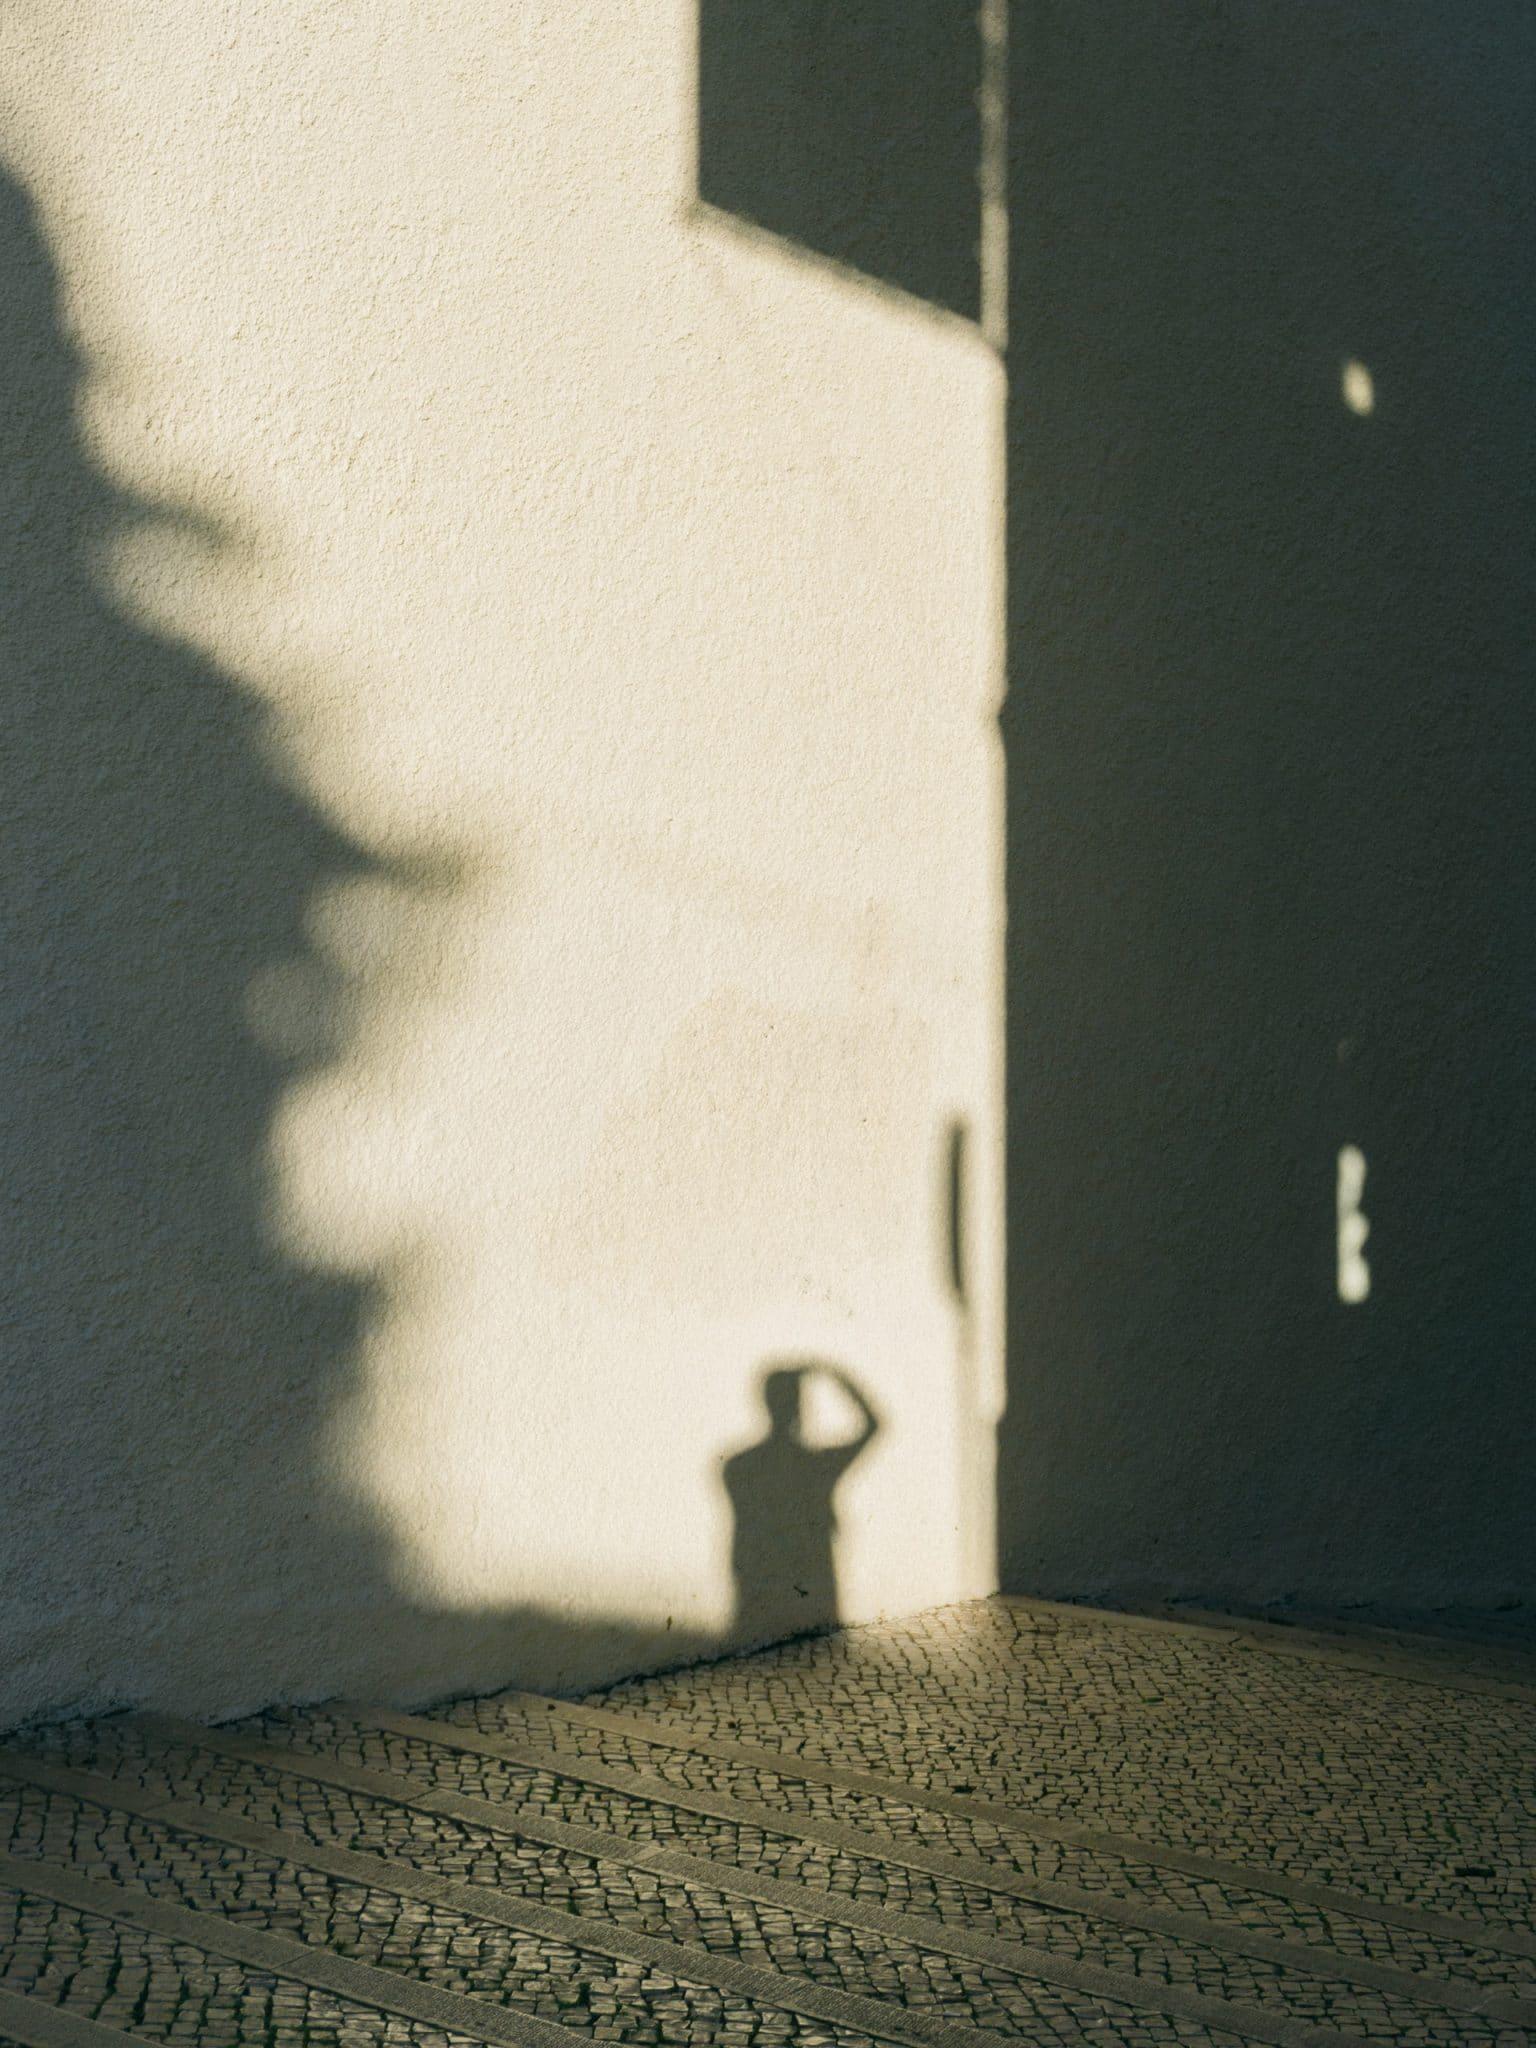 sombra de pessoa a tirar uma fotografia nas ruas de lisboa